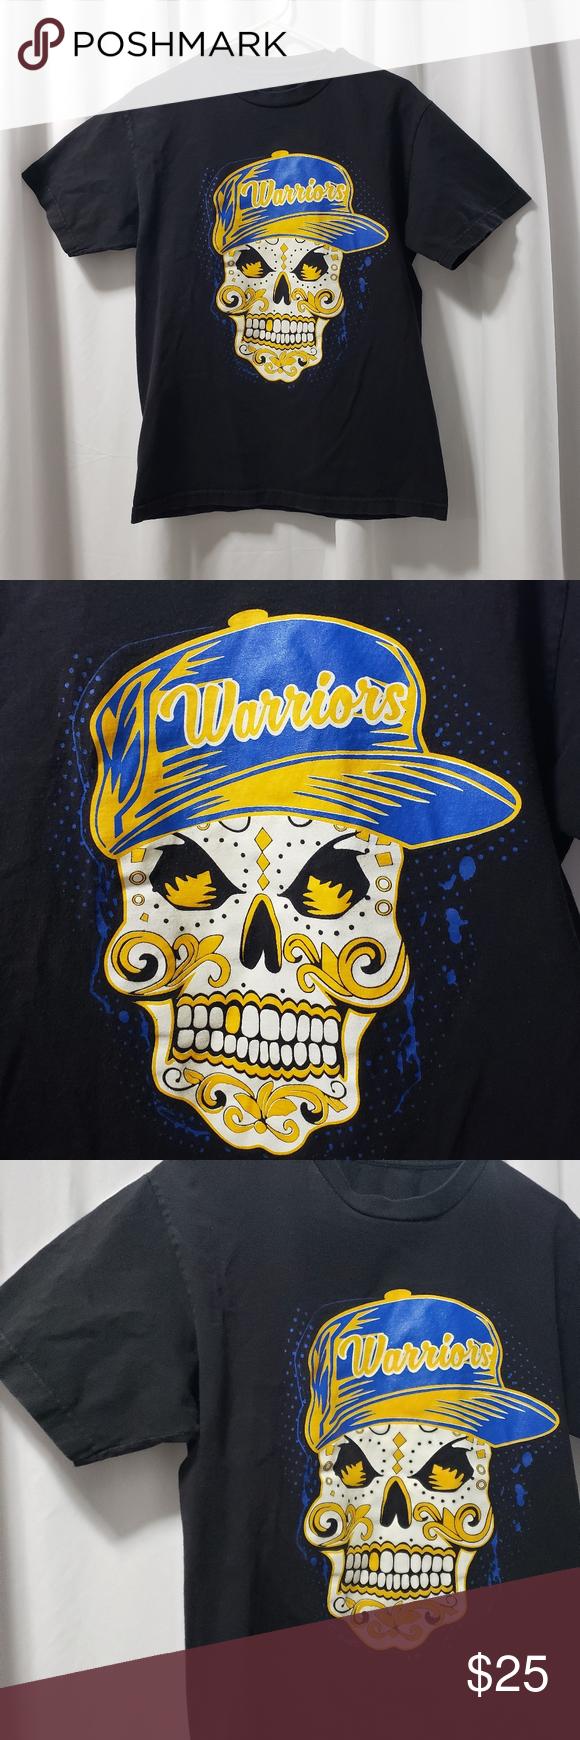 Golden State Warriors Shirt NBA Sugar Skull Tee M Golden